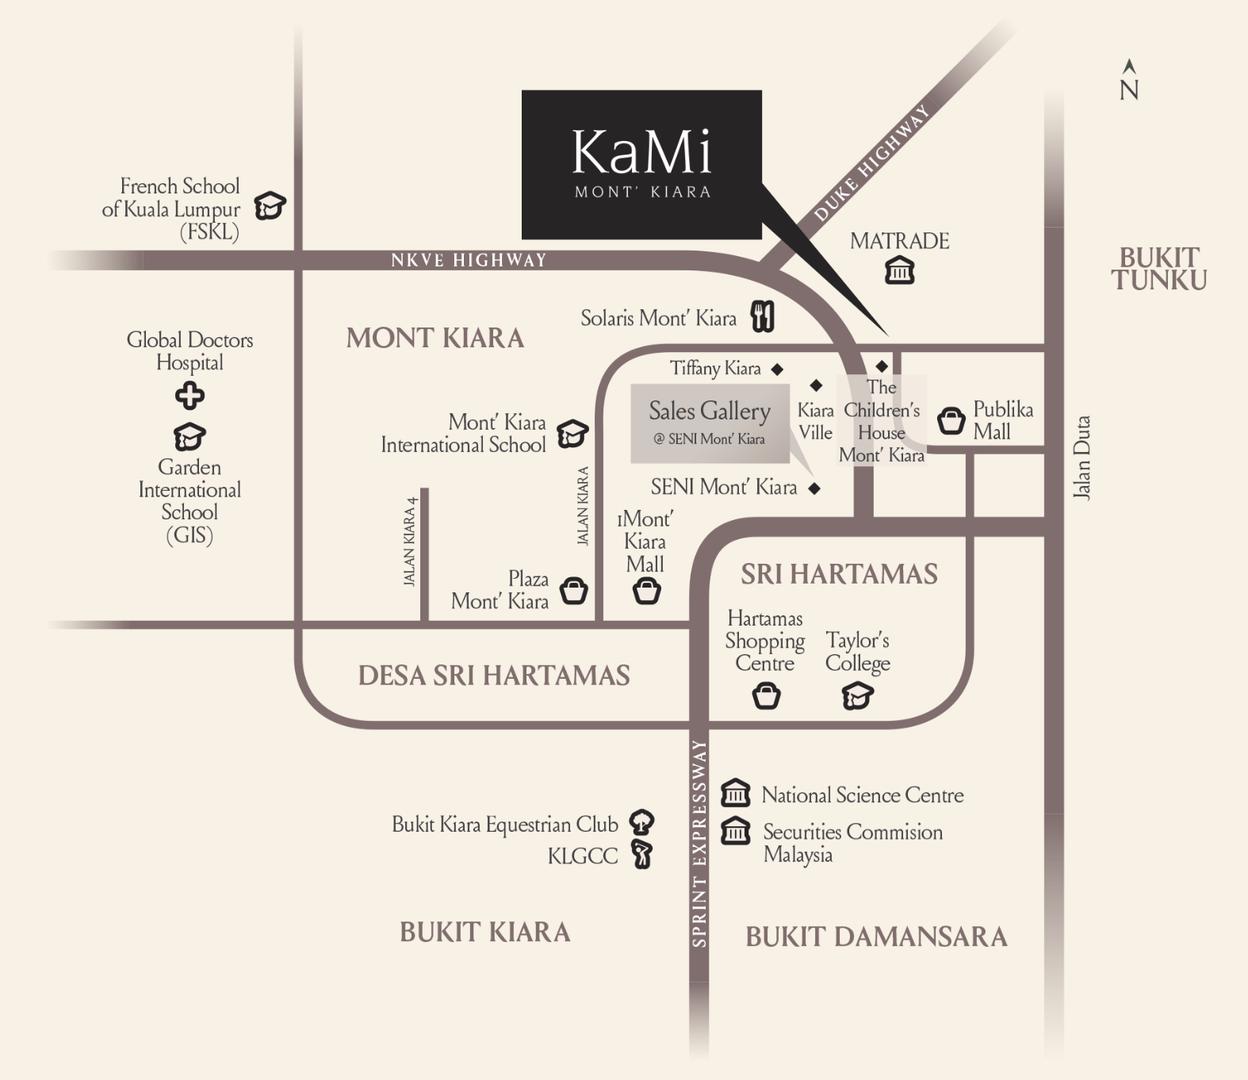 Map of KaMi Mont Kiara